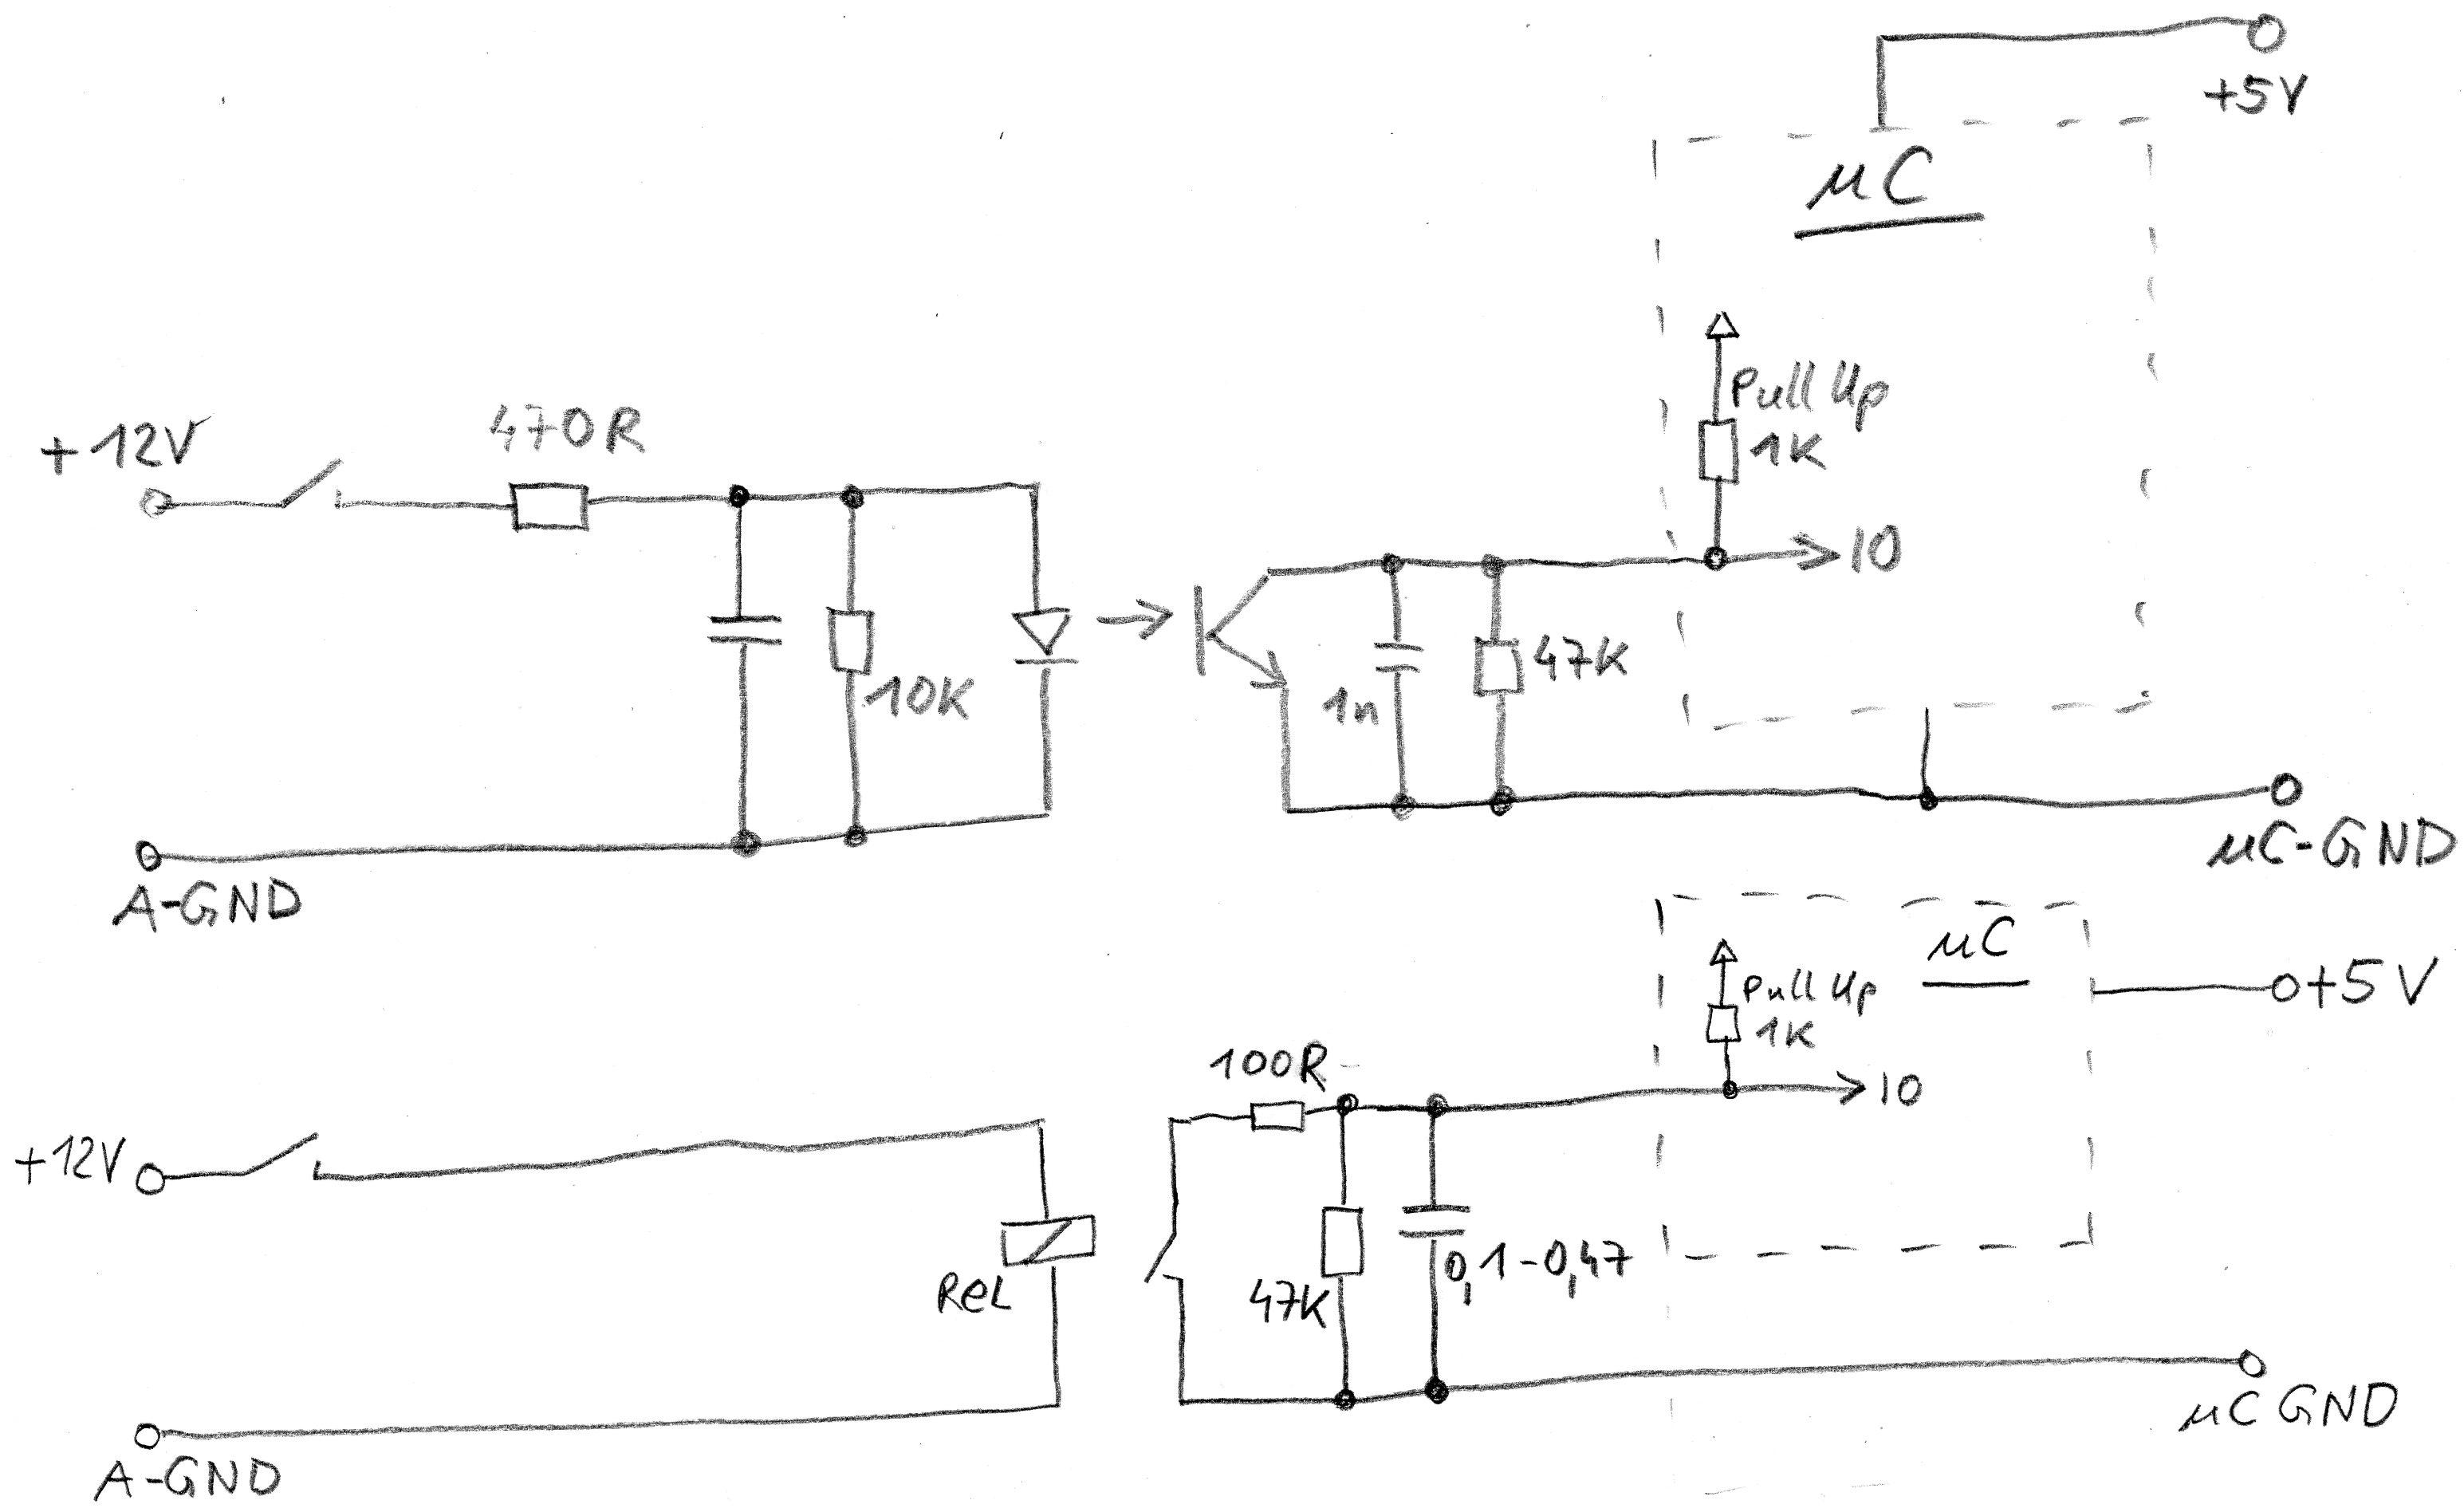 Ausgezeichnet Schaltplan Für Kühlschrank Fotos - Der Schaltplan ...